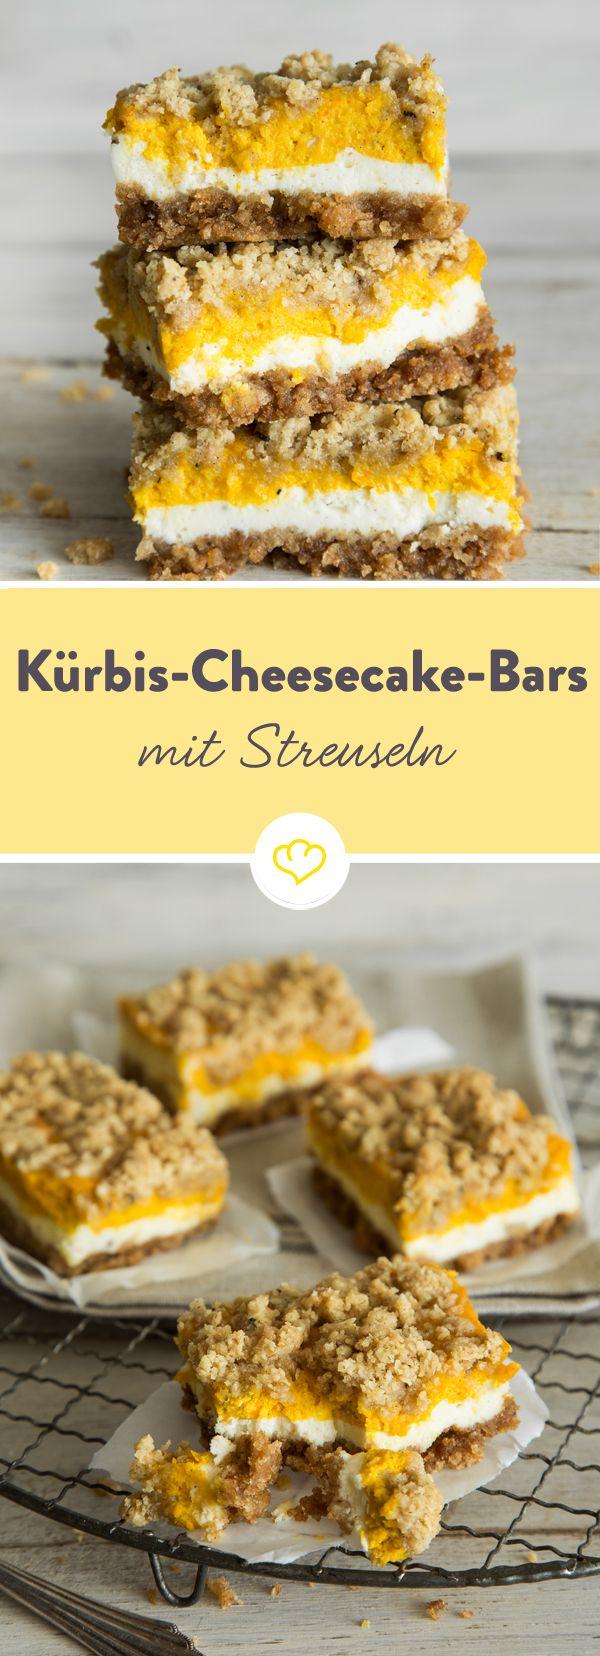 Herbstliche Schnitten: Kürbis-Cheesecake-Bars mit Zimt-Streuseln #cheesecake